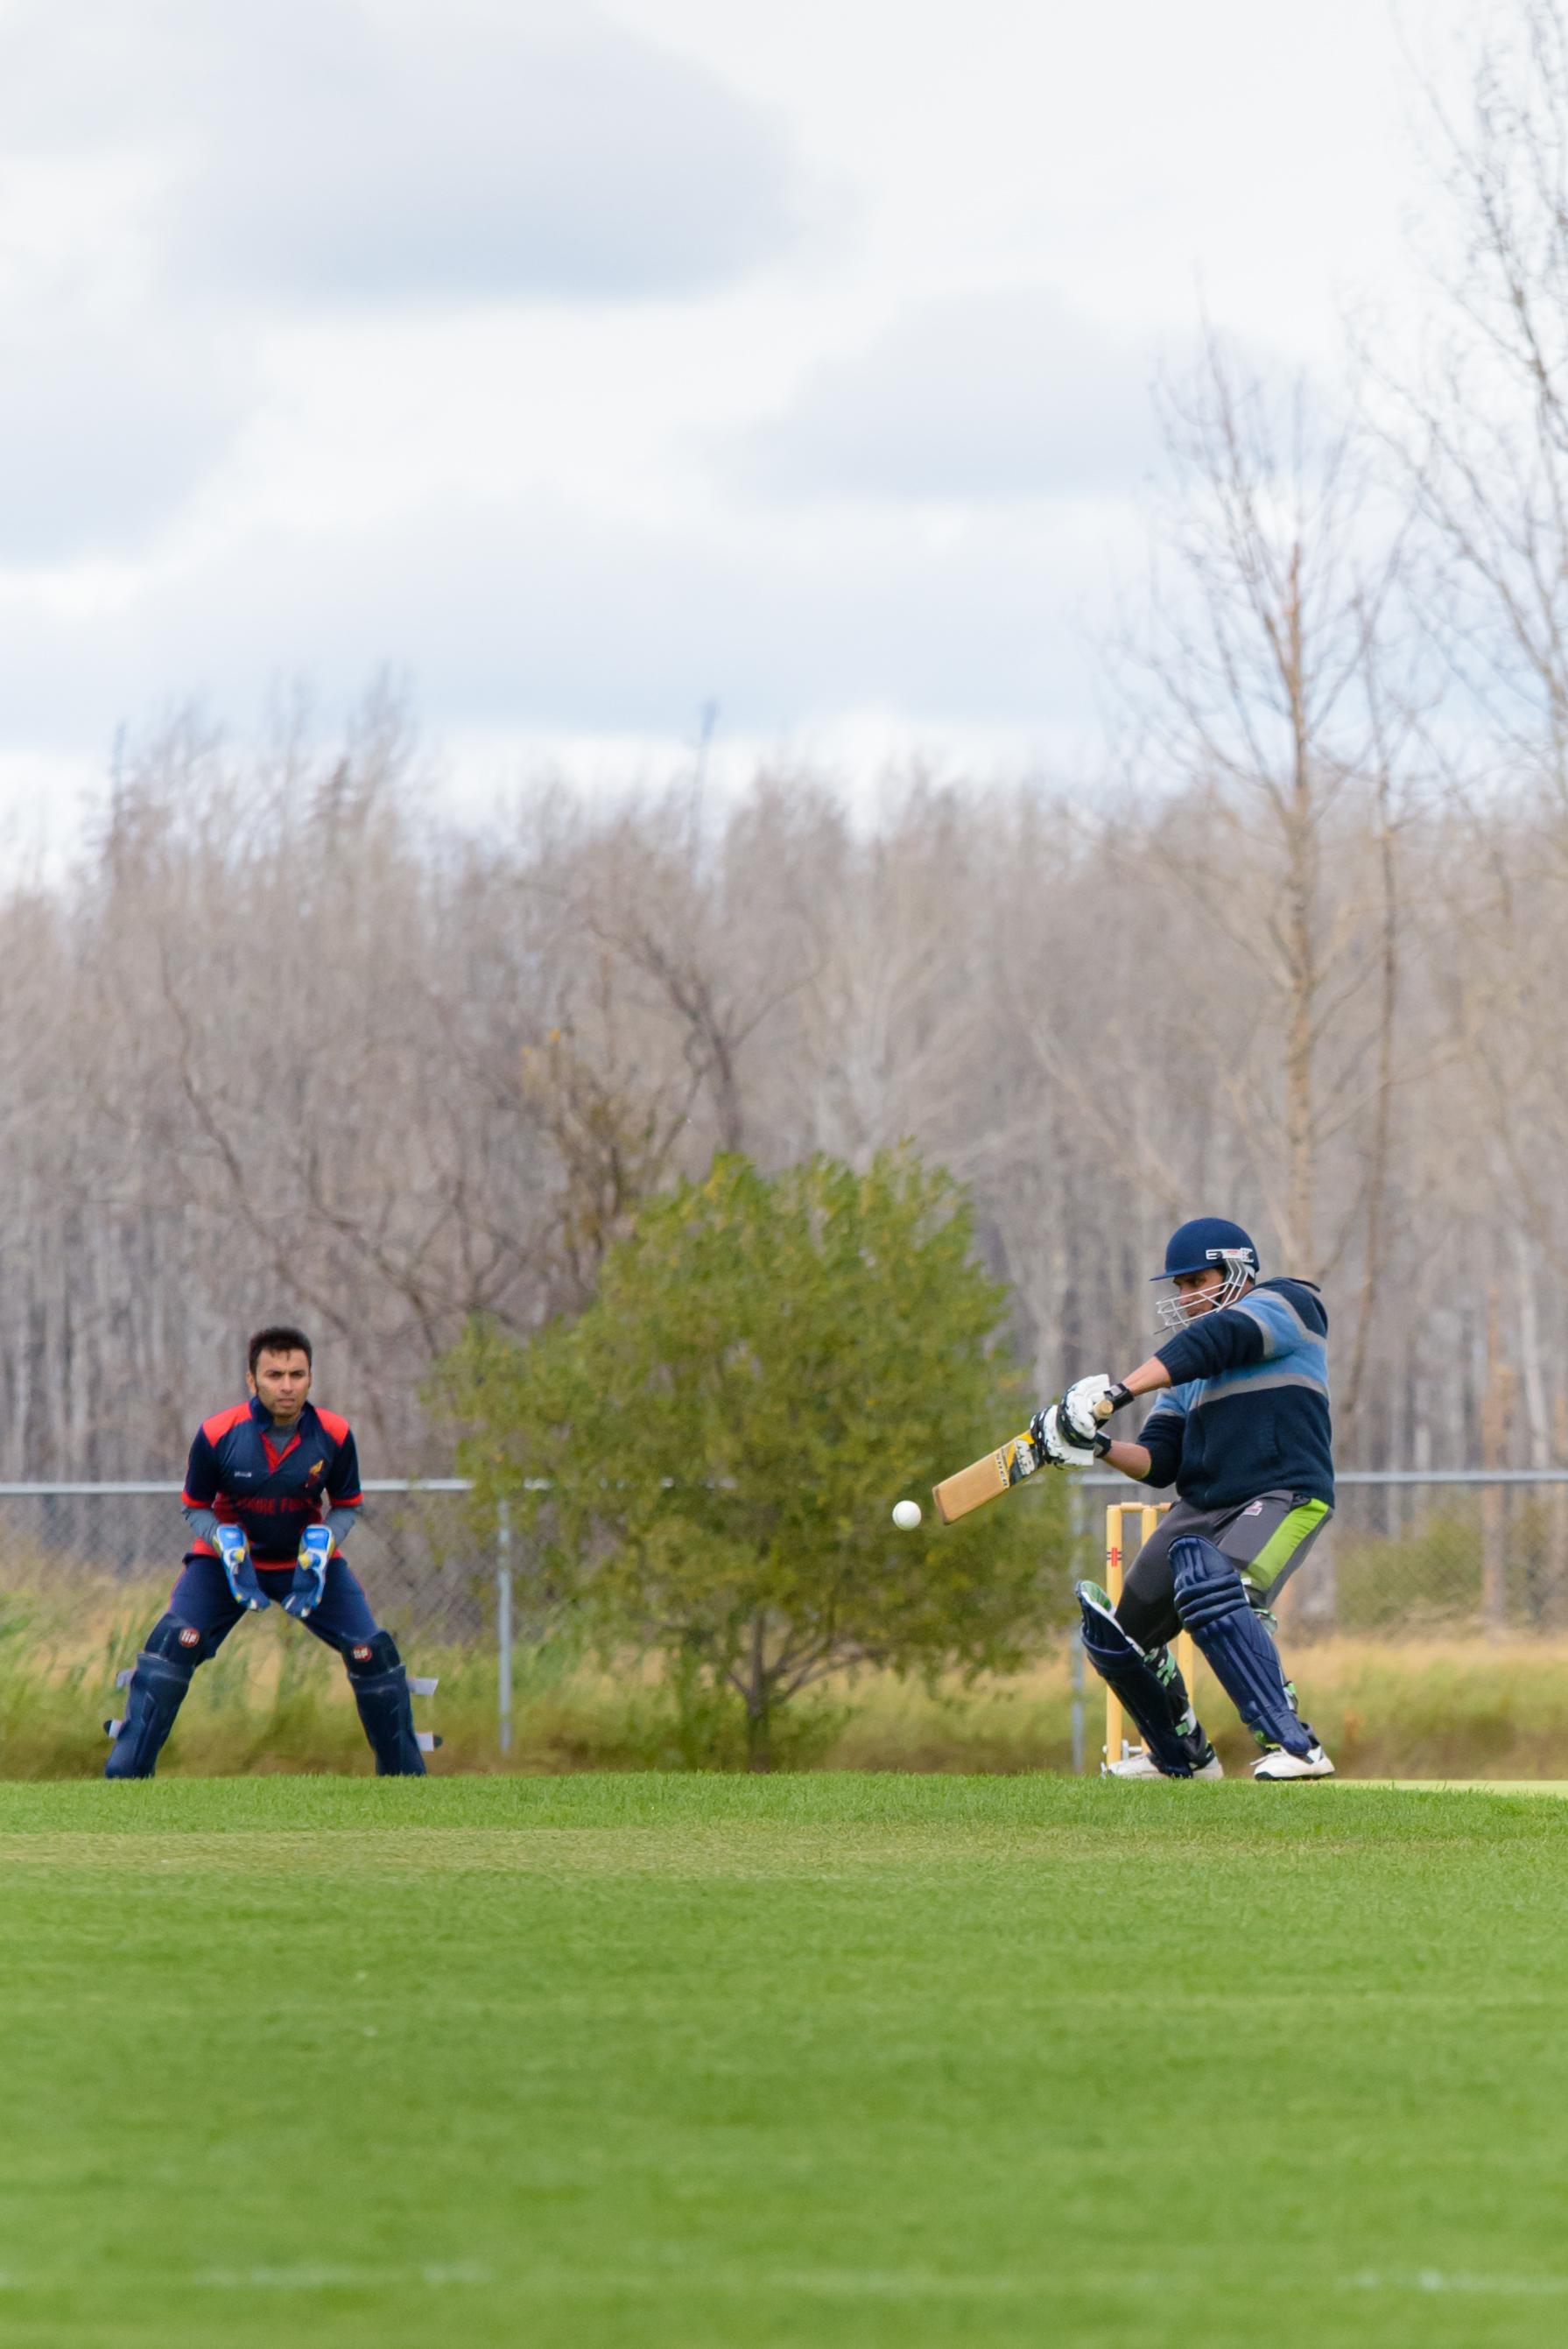 Cricket-0926.jpg